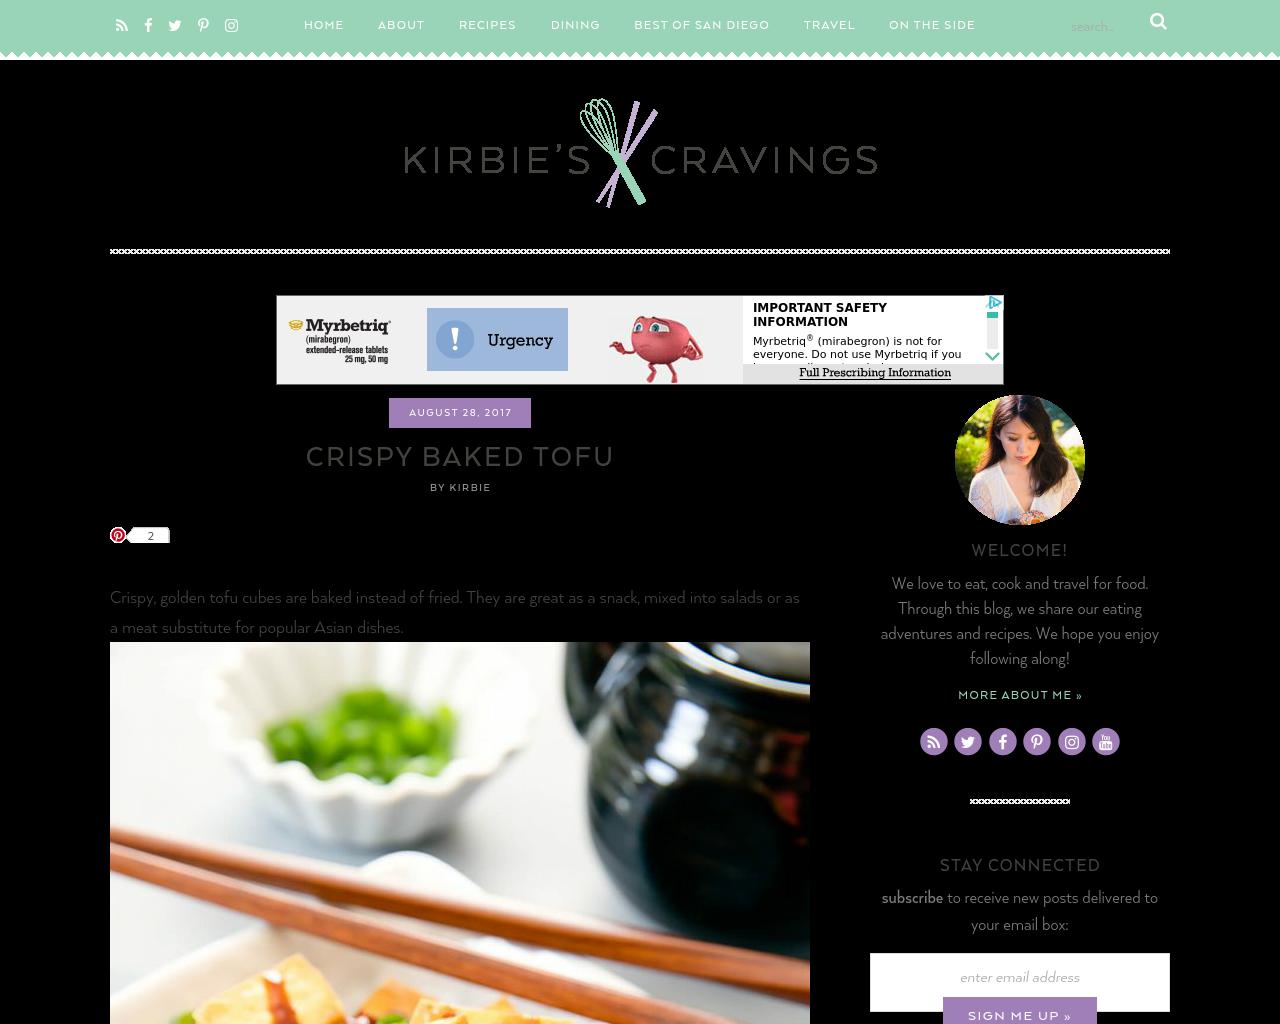 Kirbie's-Cravings-Advertising-Reviews-Pricing